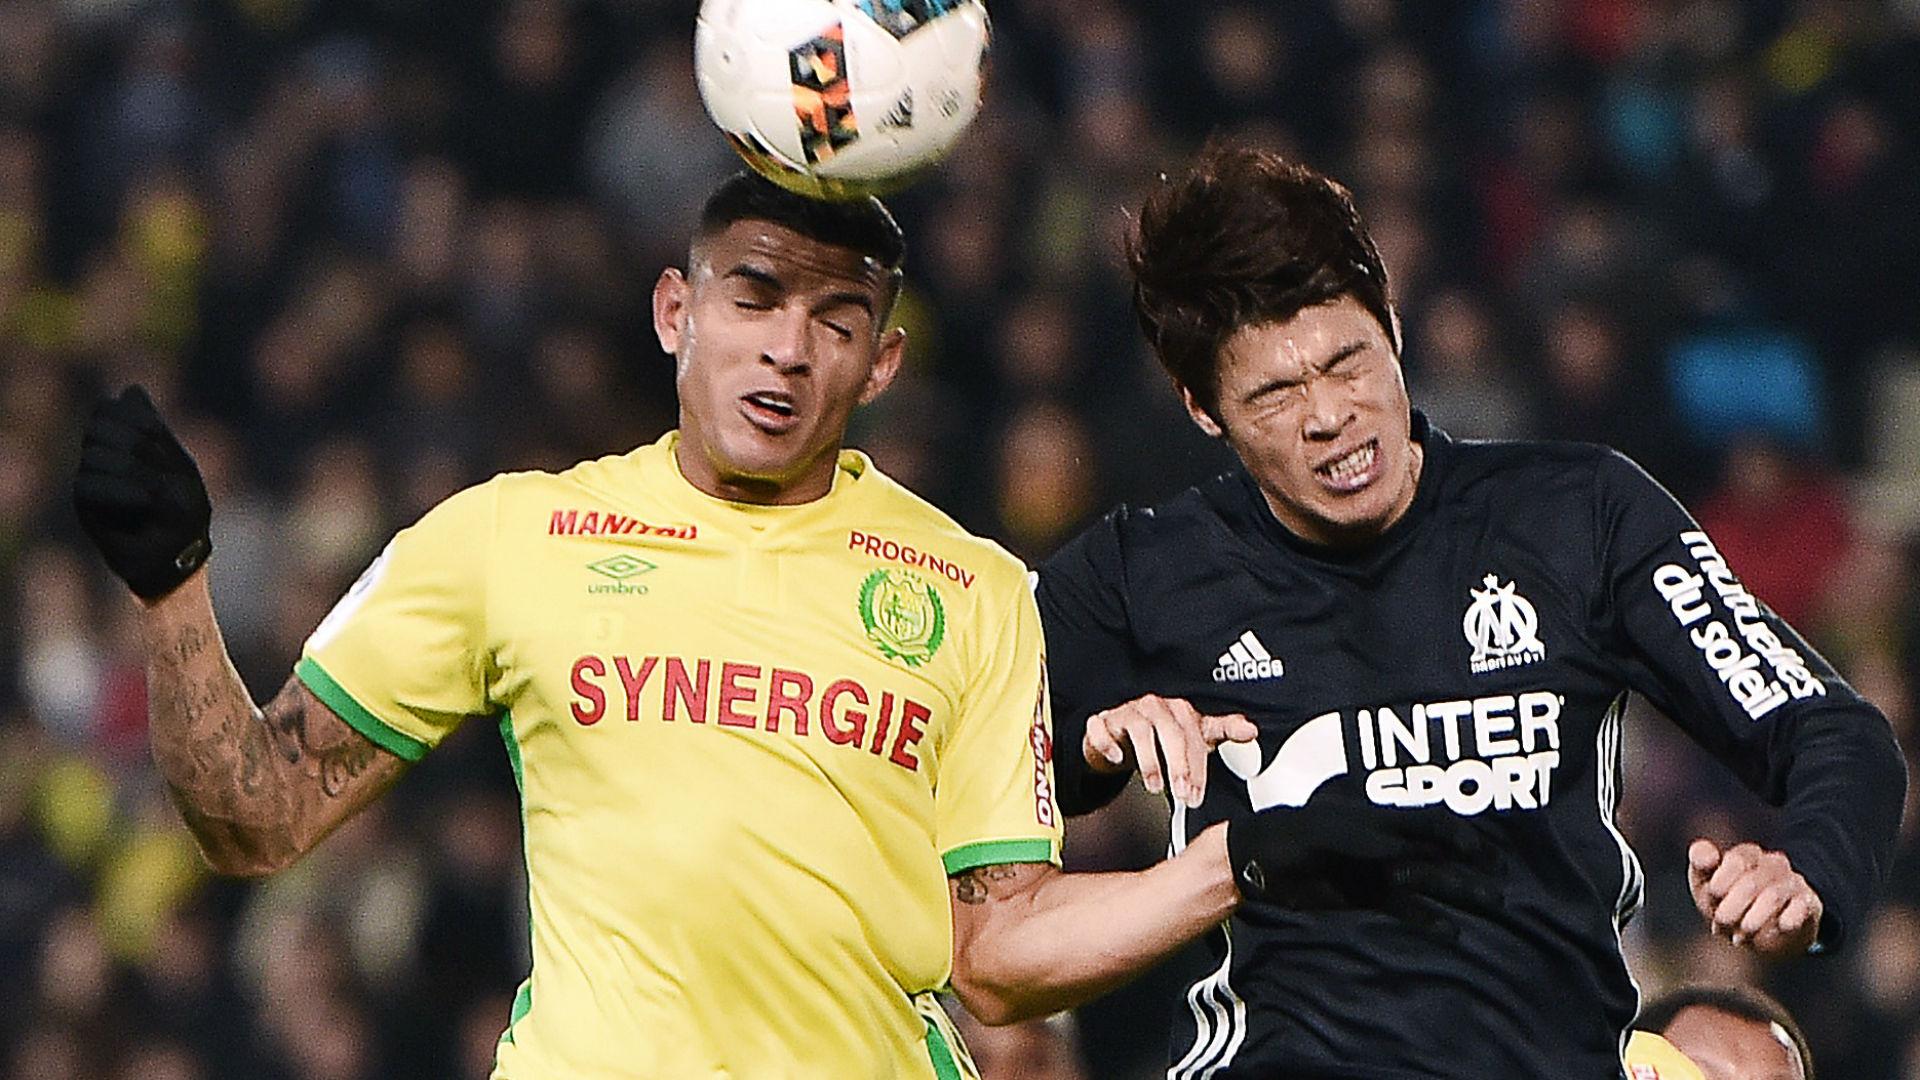 Diego Carlos Hiroki Sakai Nantes Marseille Ligue 1 12022017